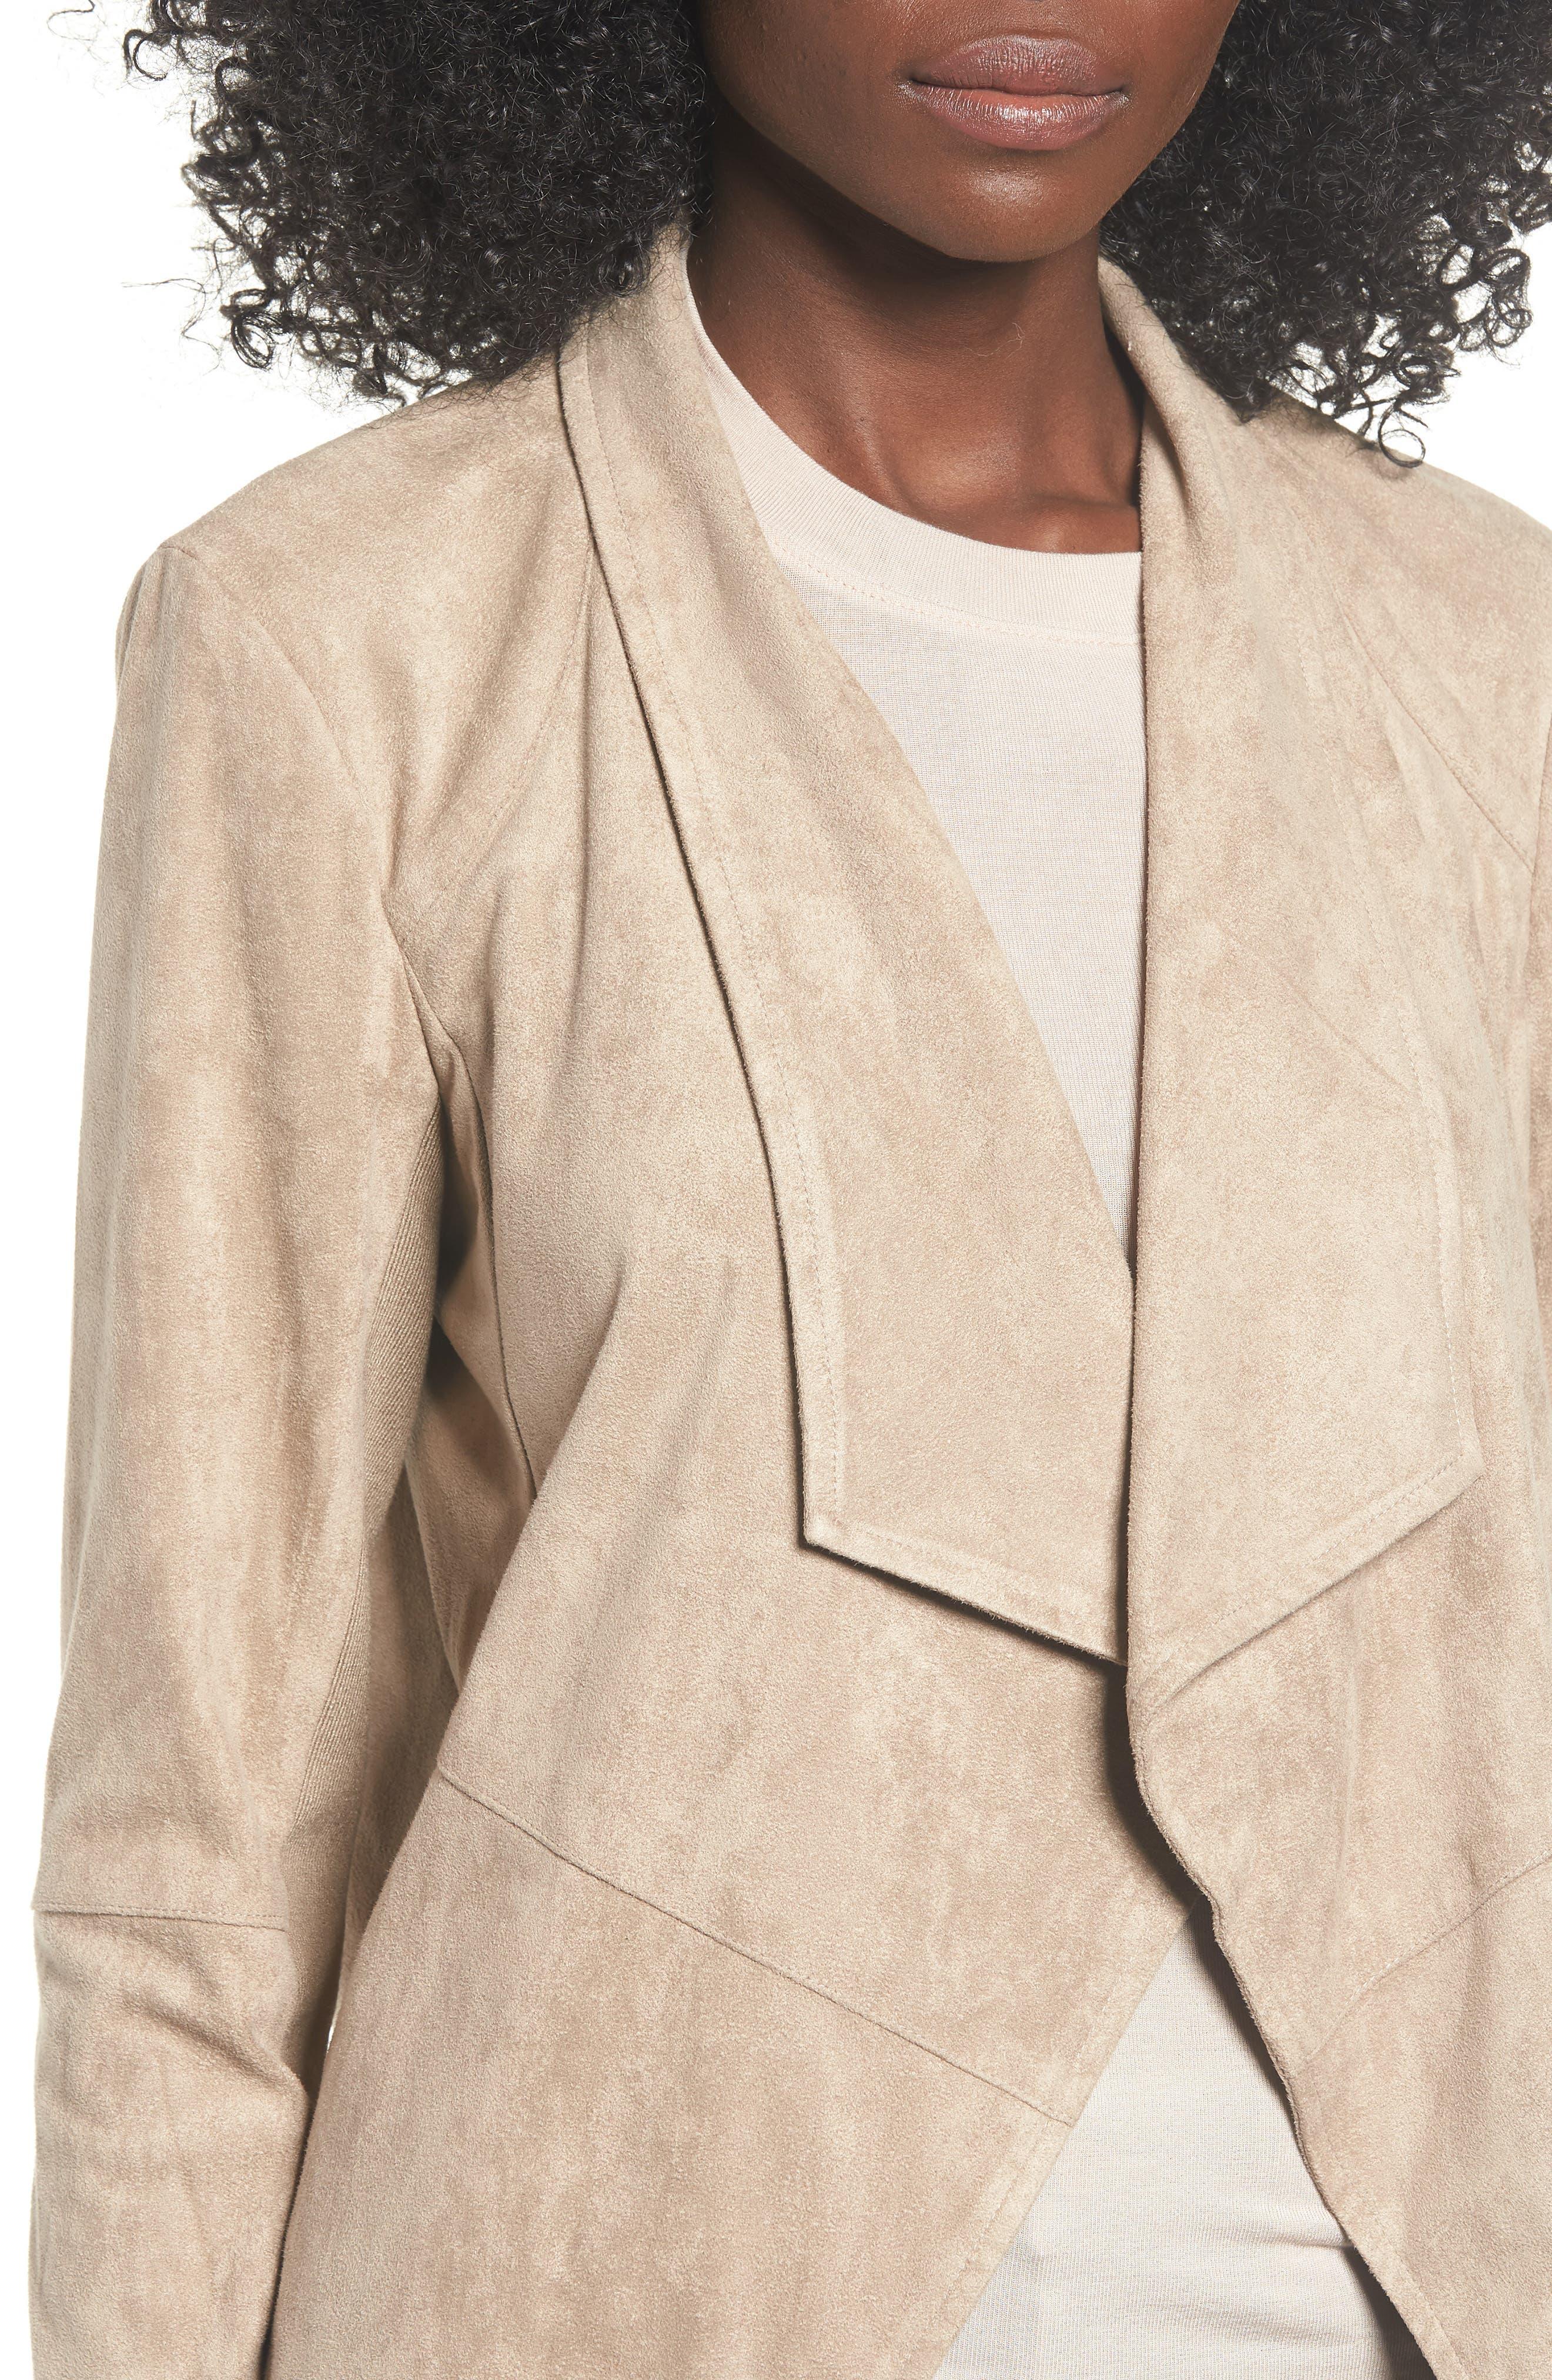 Nicholson Faux Suede Drape Front Jacket,                             Alternate thumbnail 4, color,                             WARM STONE